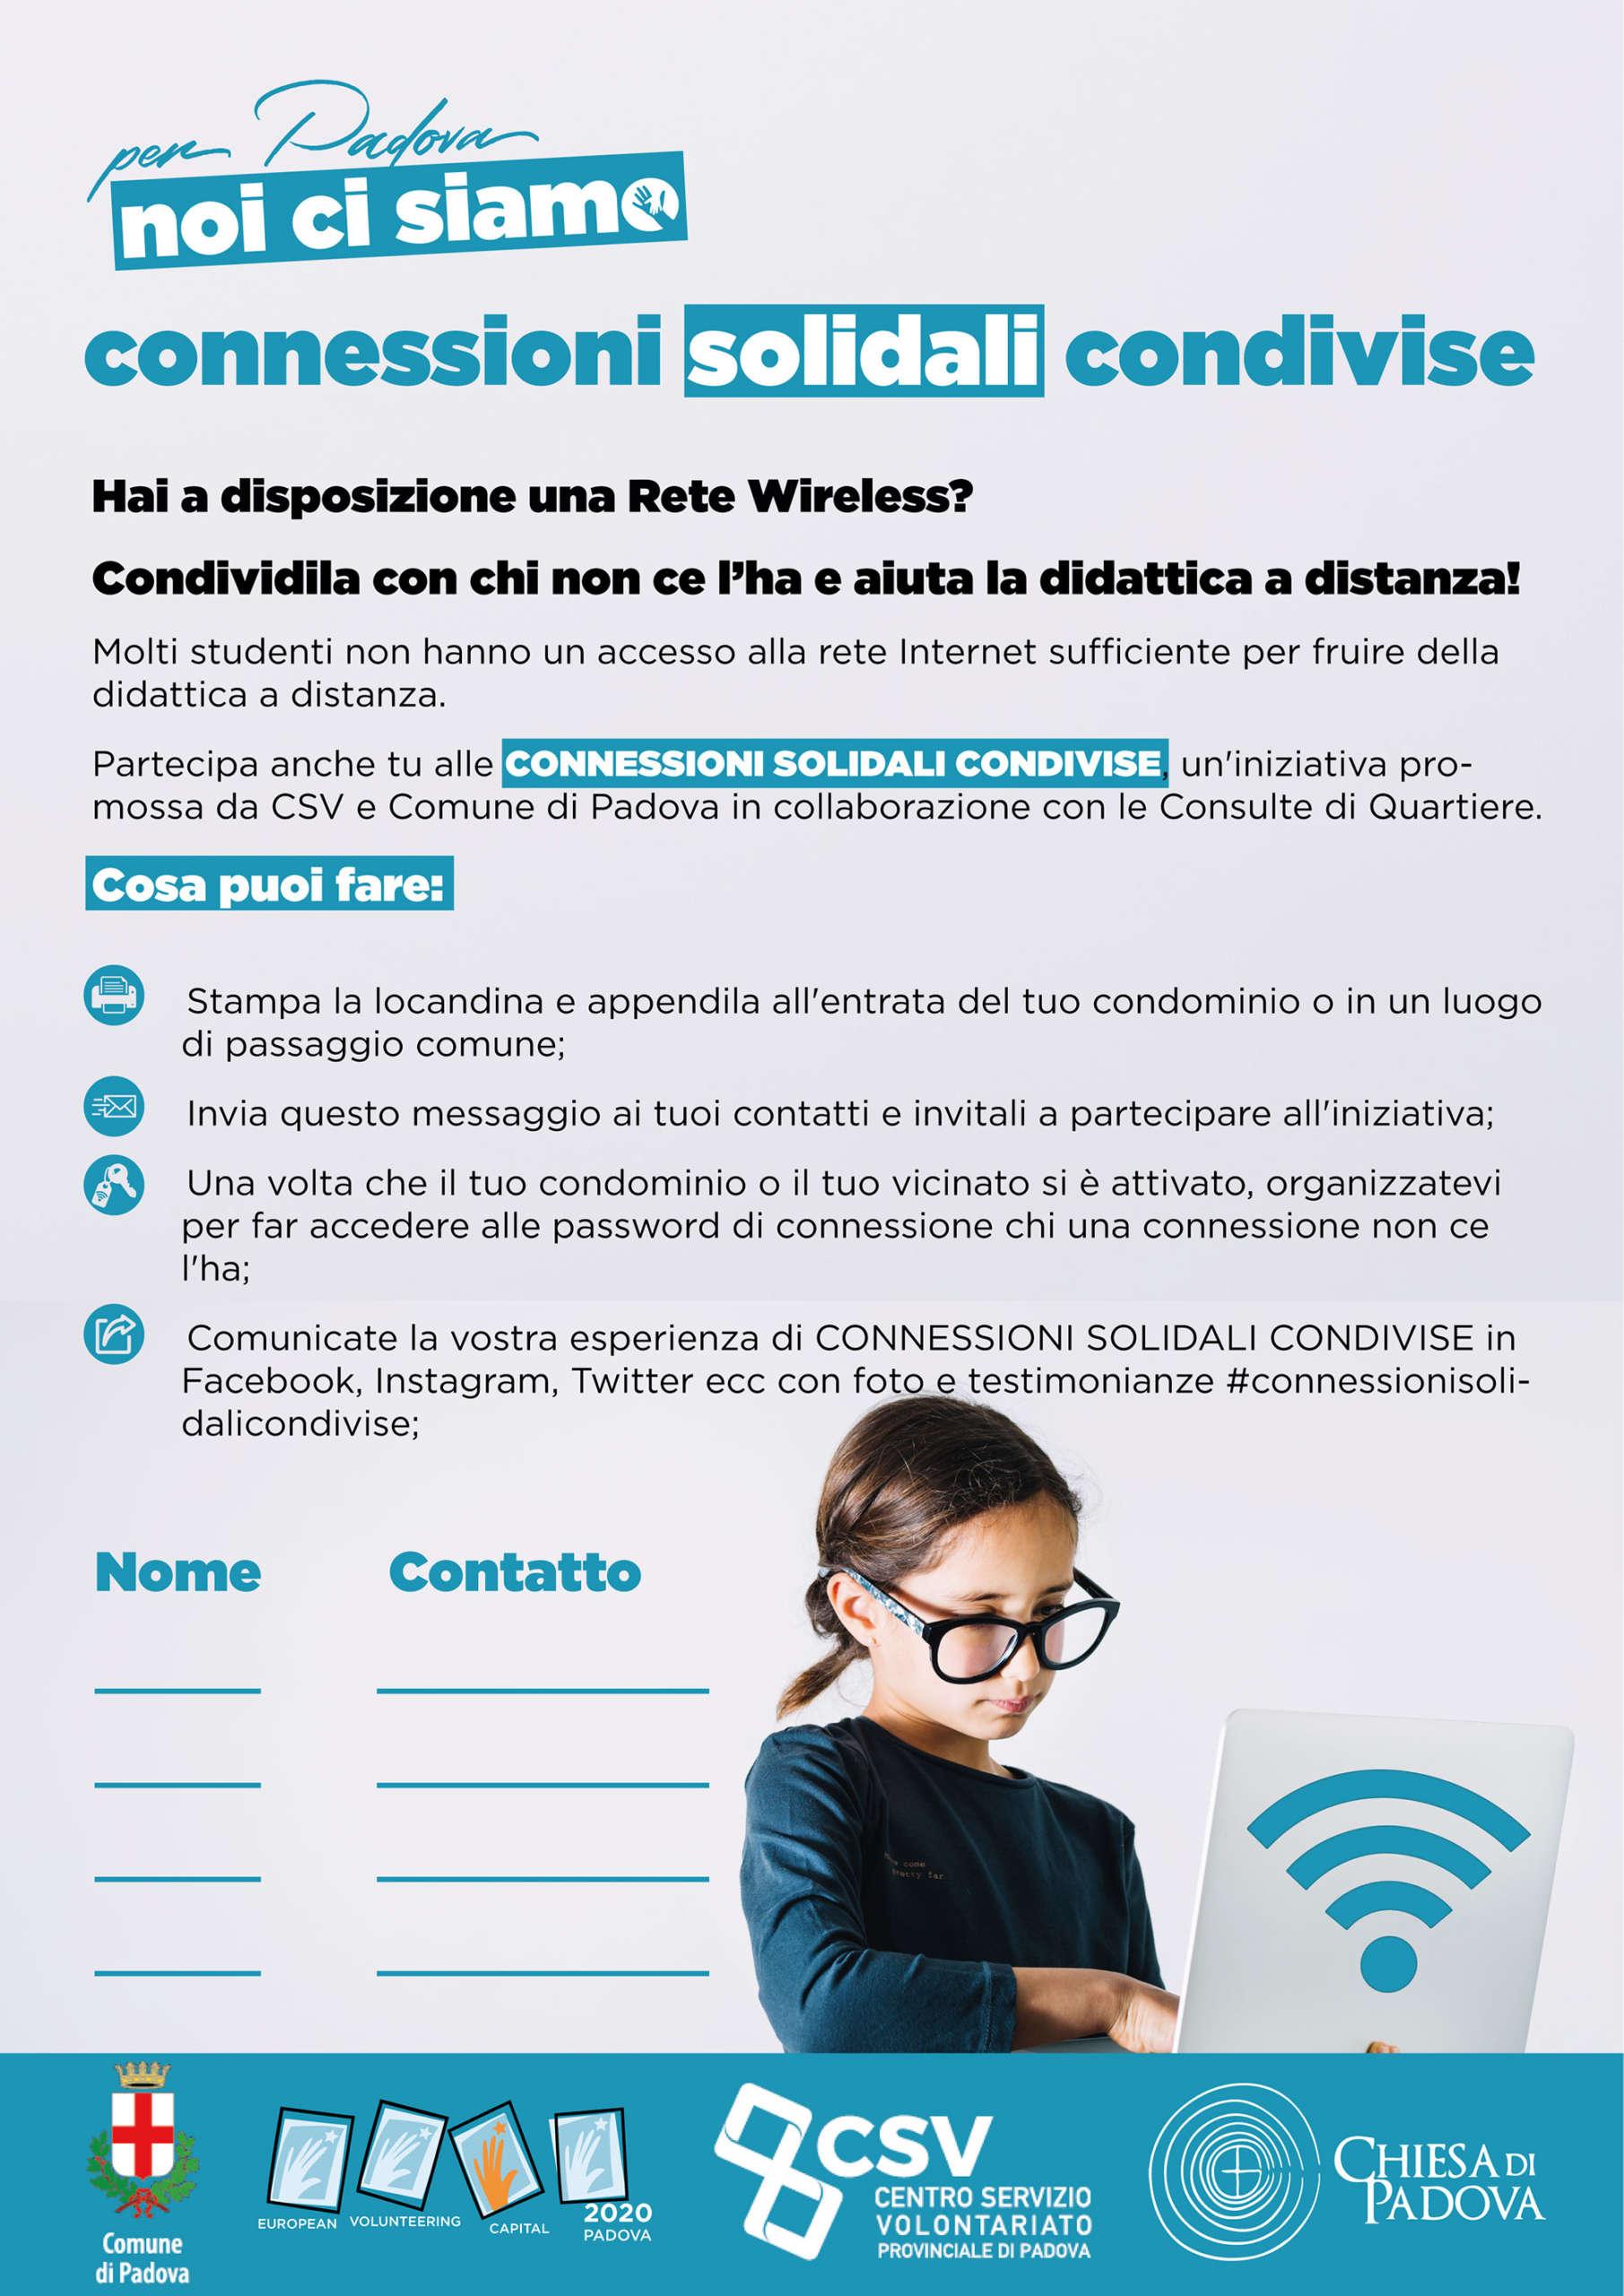 connessioni solidali condivise - Padova